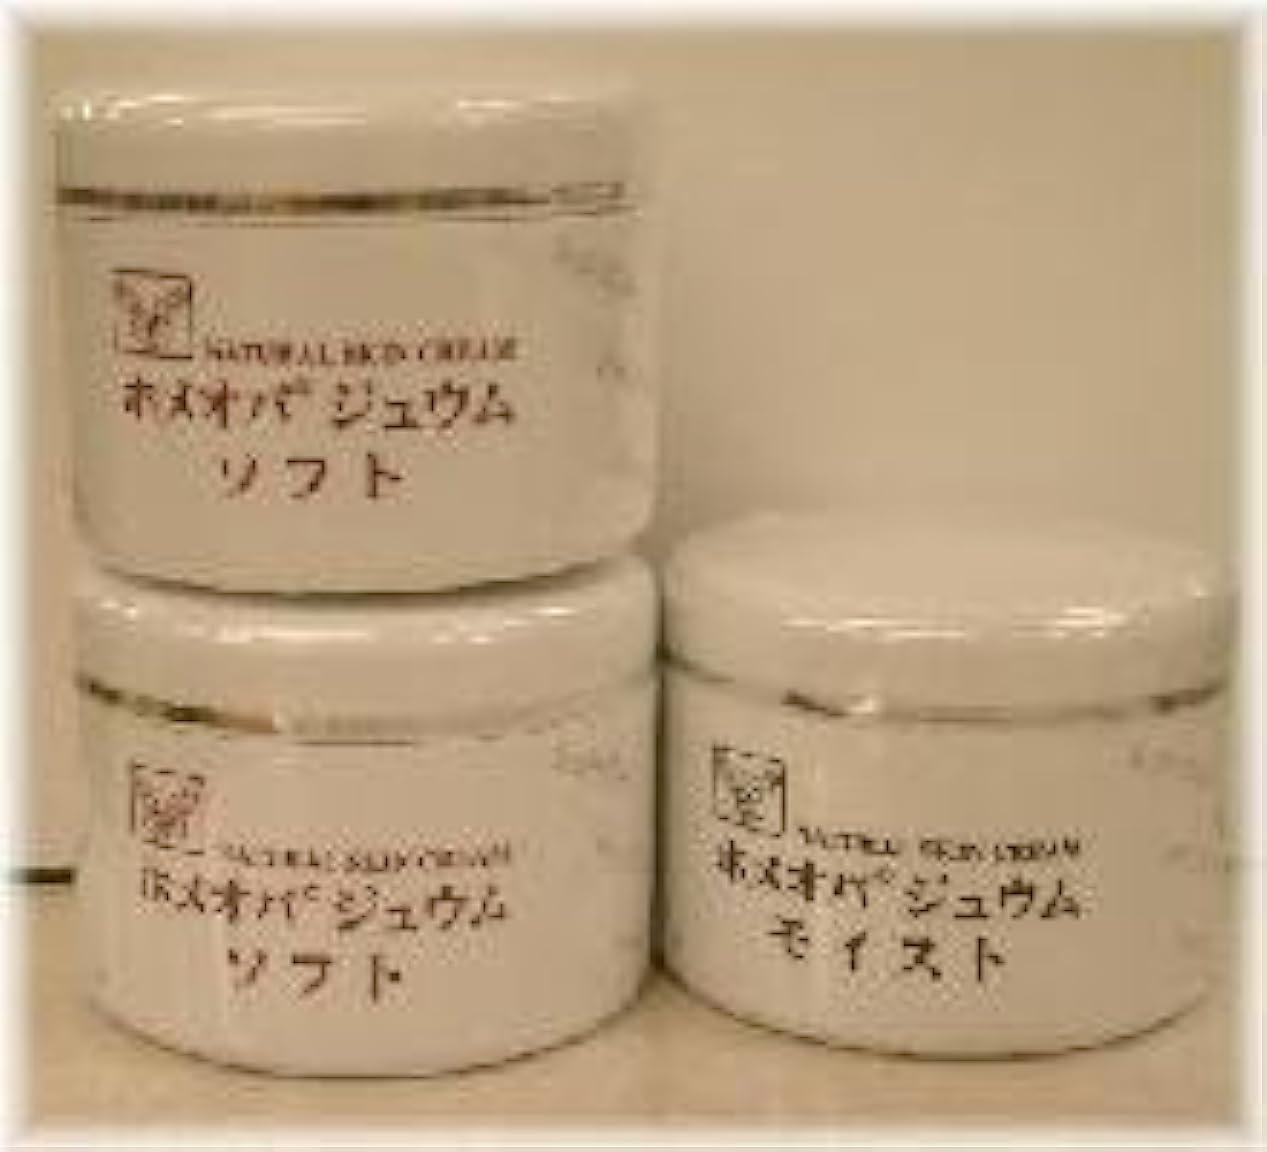 次へガジュマル貝殻ホメオパジュウム スキンケア商品3点 ¥10500クリームソフト2個+クリームモイスト